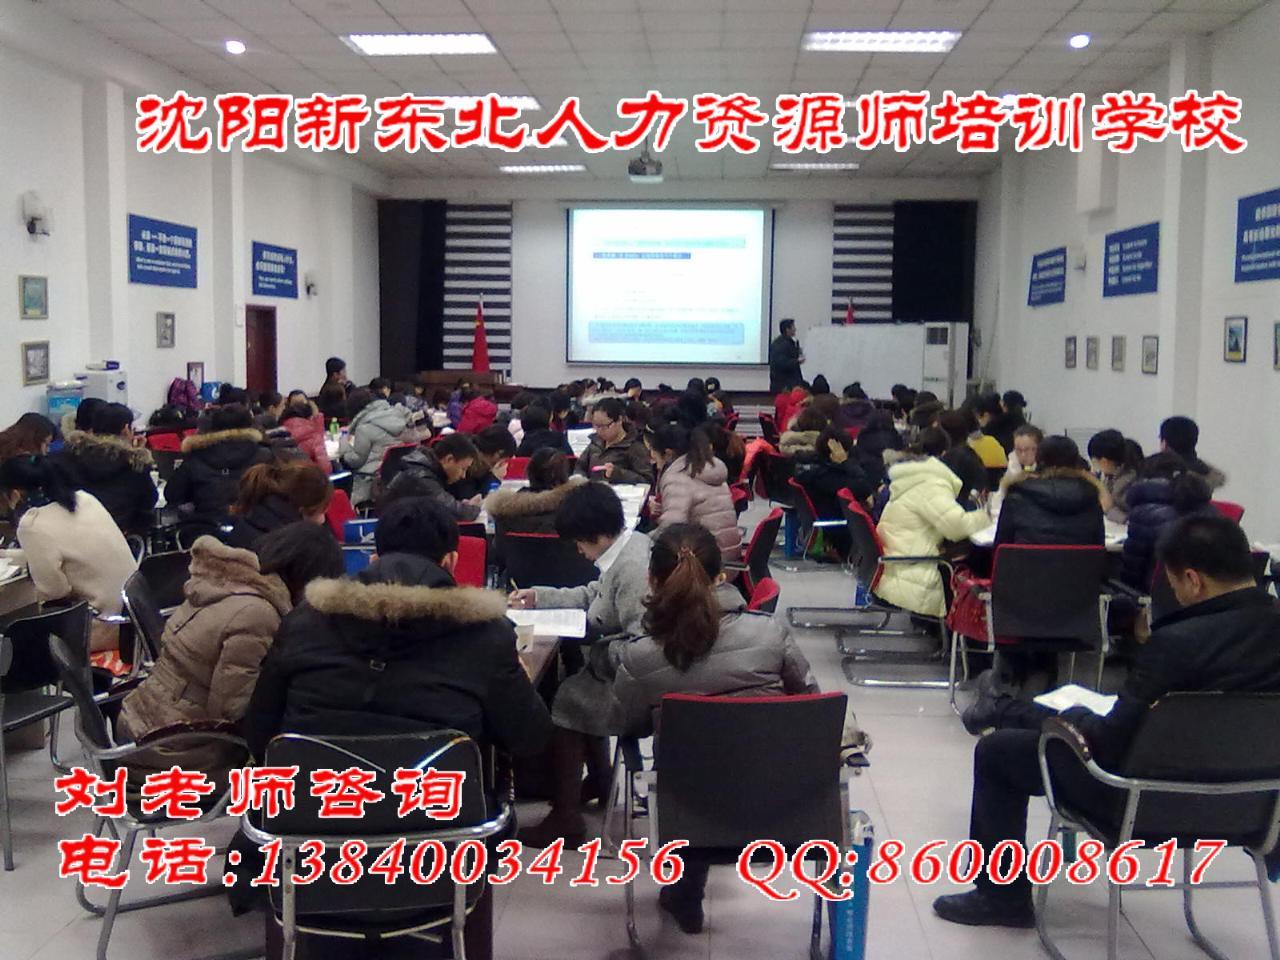 沈阳专业人力资源师培训班——即日起报名优惠300元